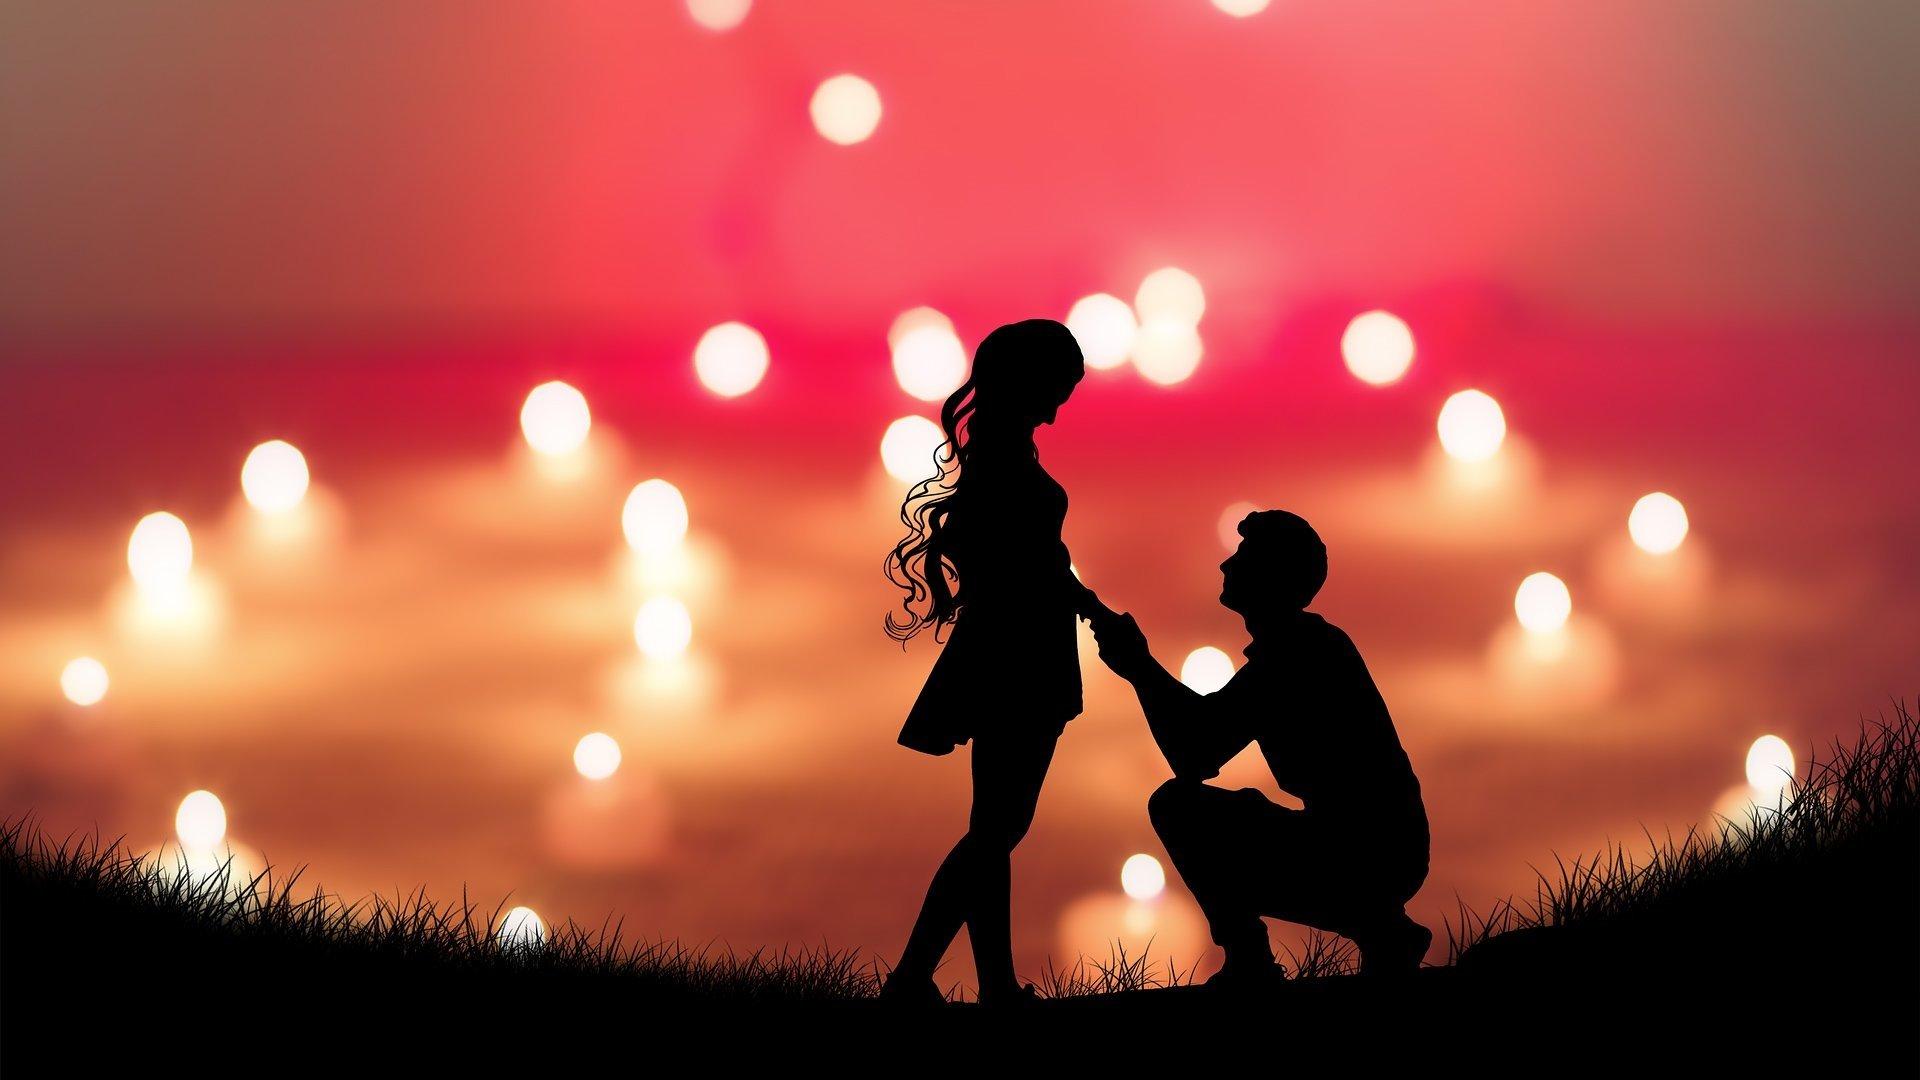 Идеи для свидания: 20 вариантов для романтического вечера